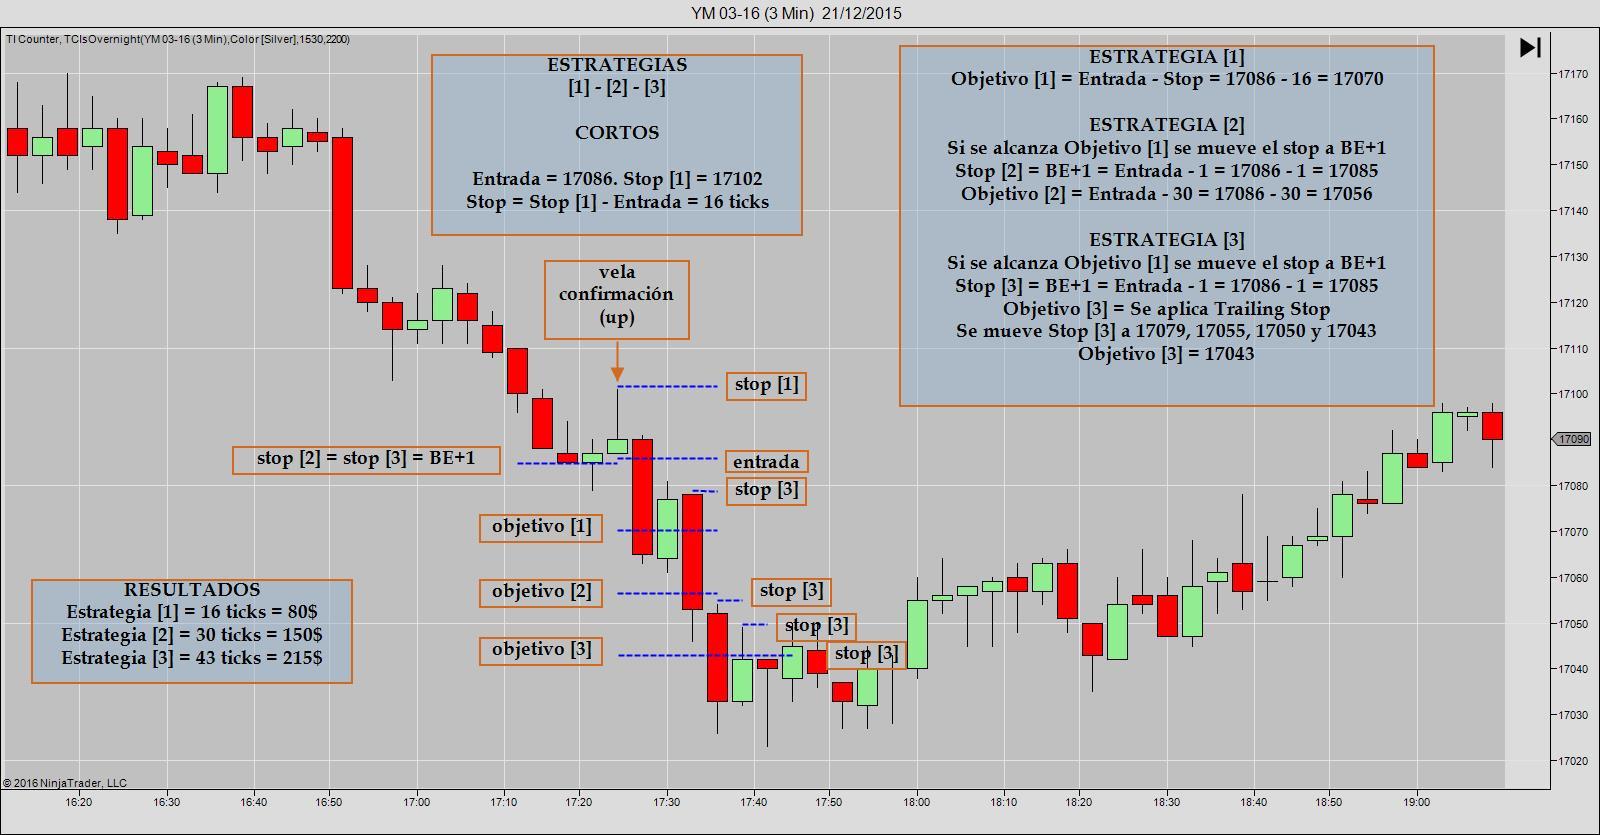 TP 1 05D Estrategia [1-2-3] Cortos